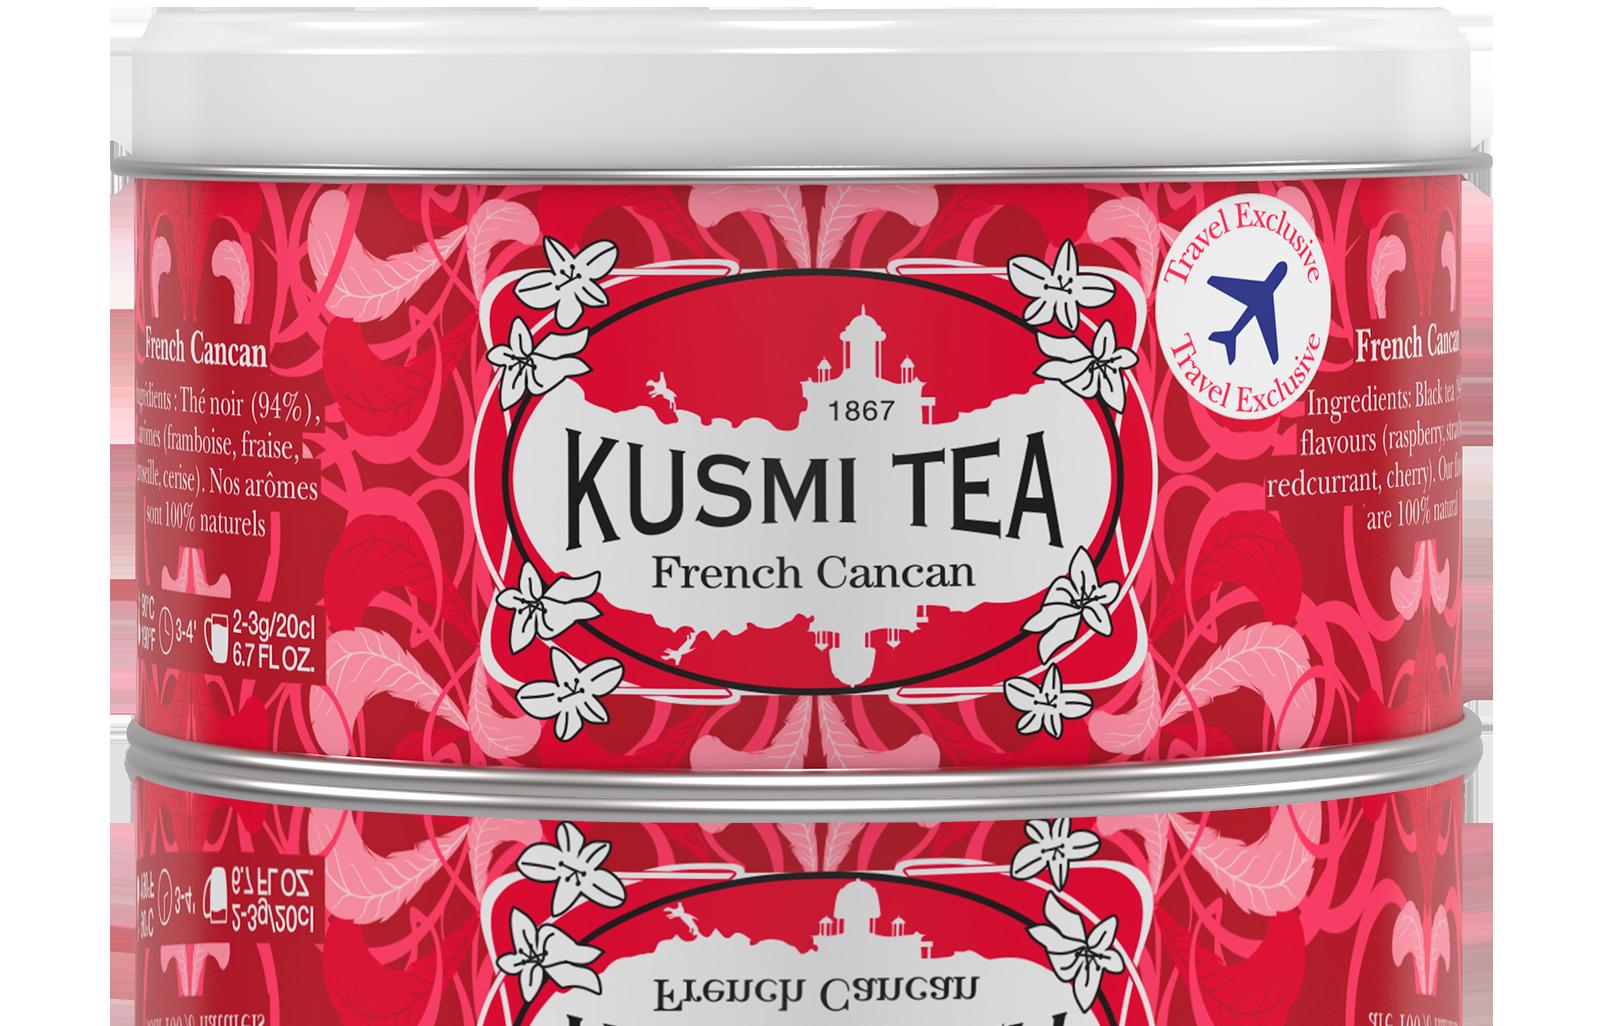 Thé noir - French Cancan - Vrac - Kusmi Tea